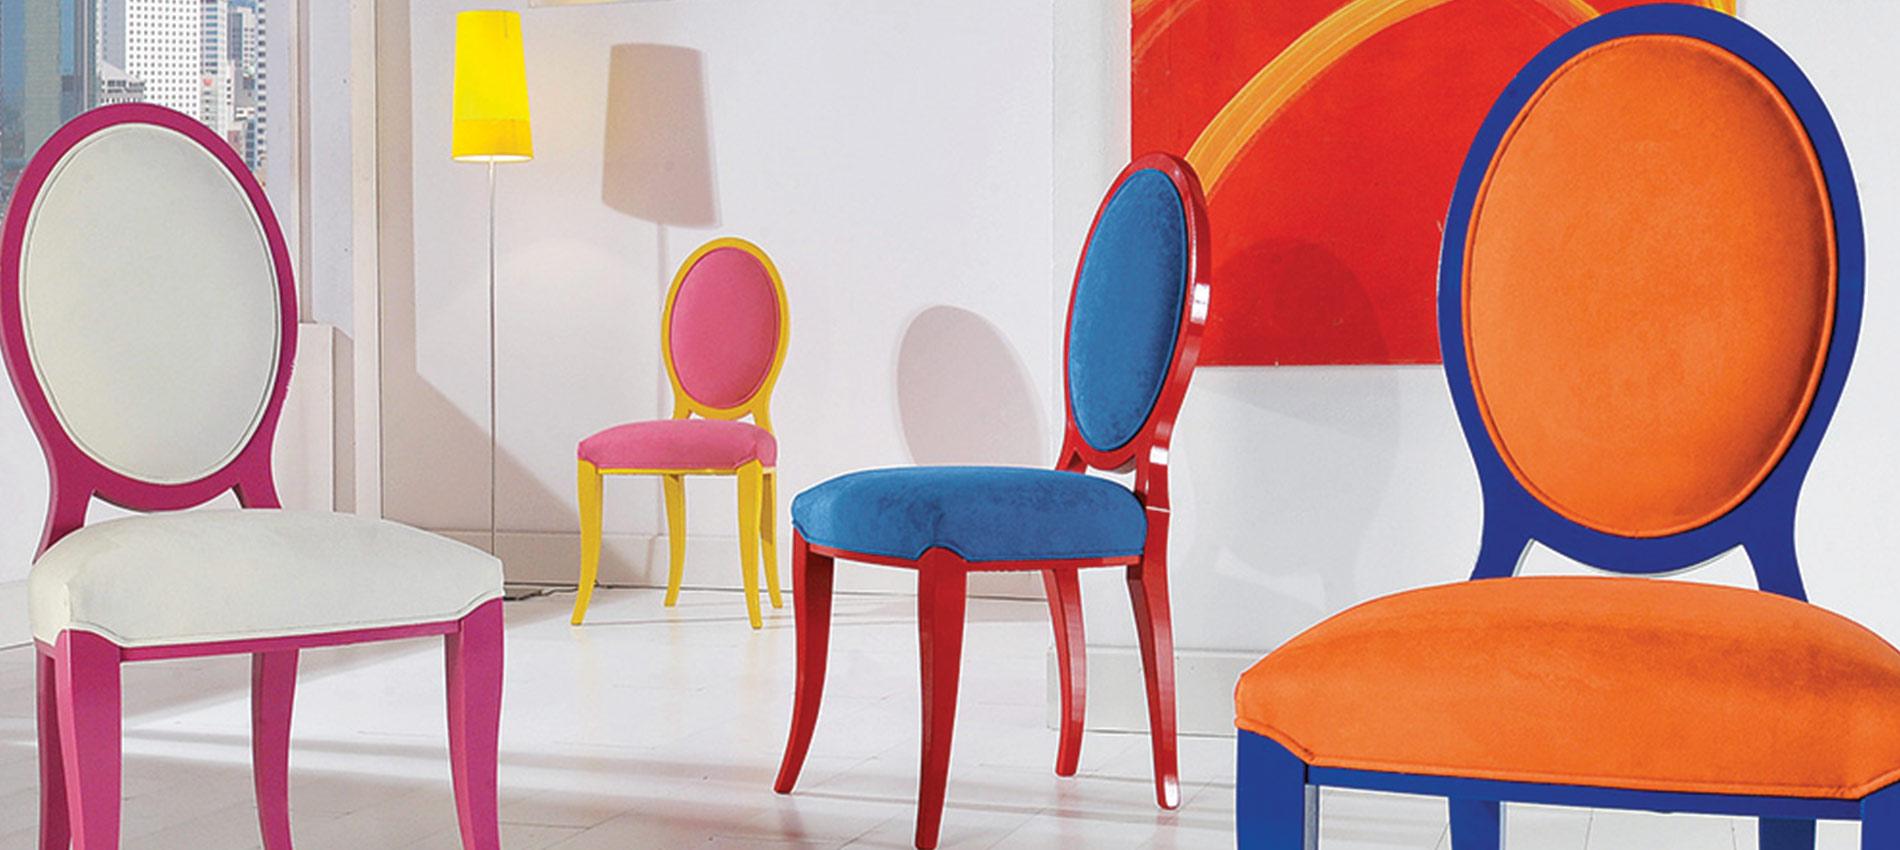 Sobre a Italy Tintas - cadeiras coloridas